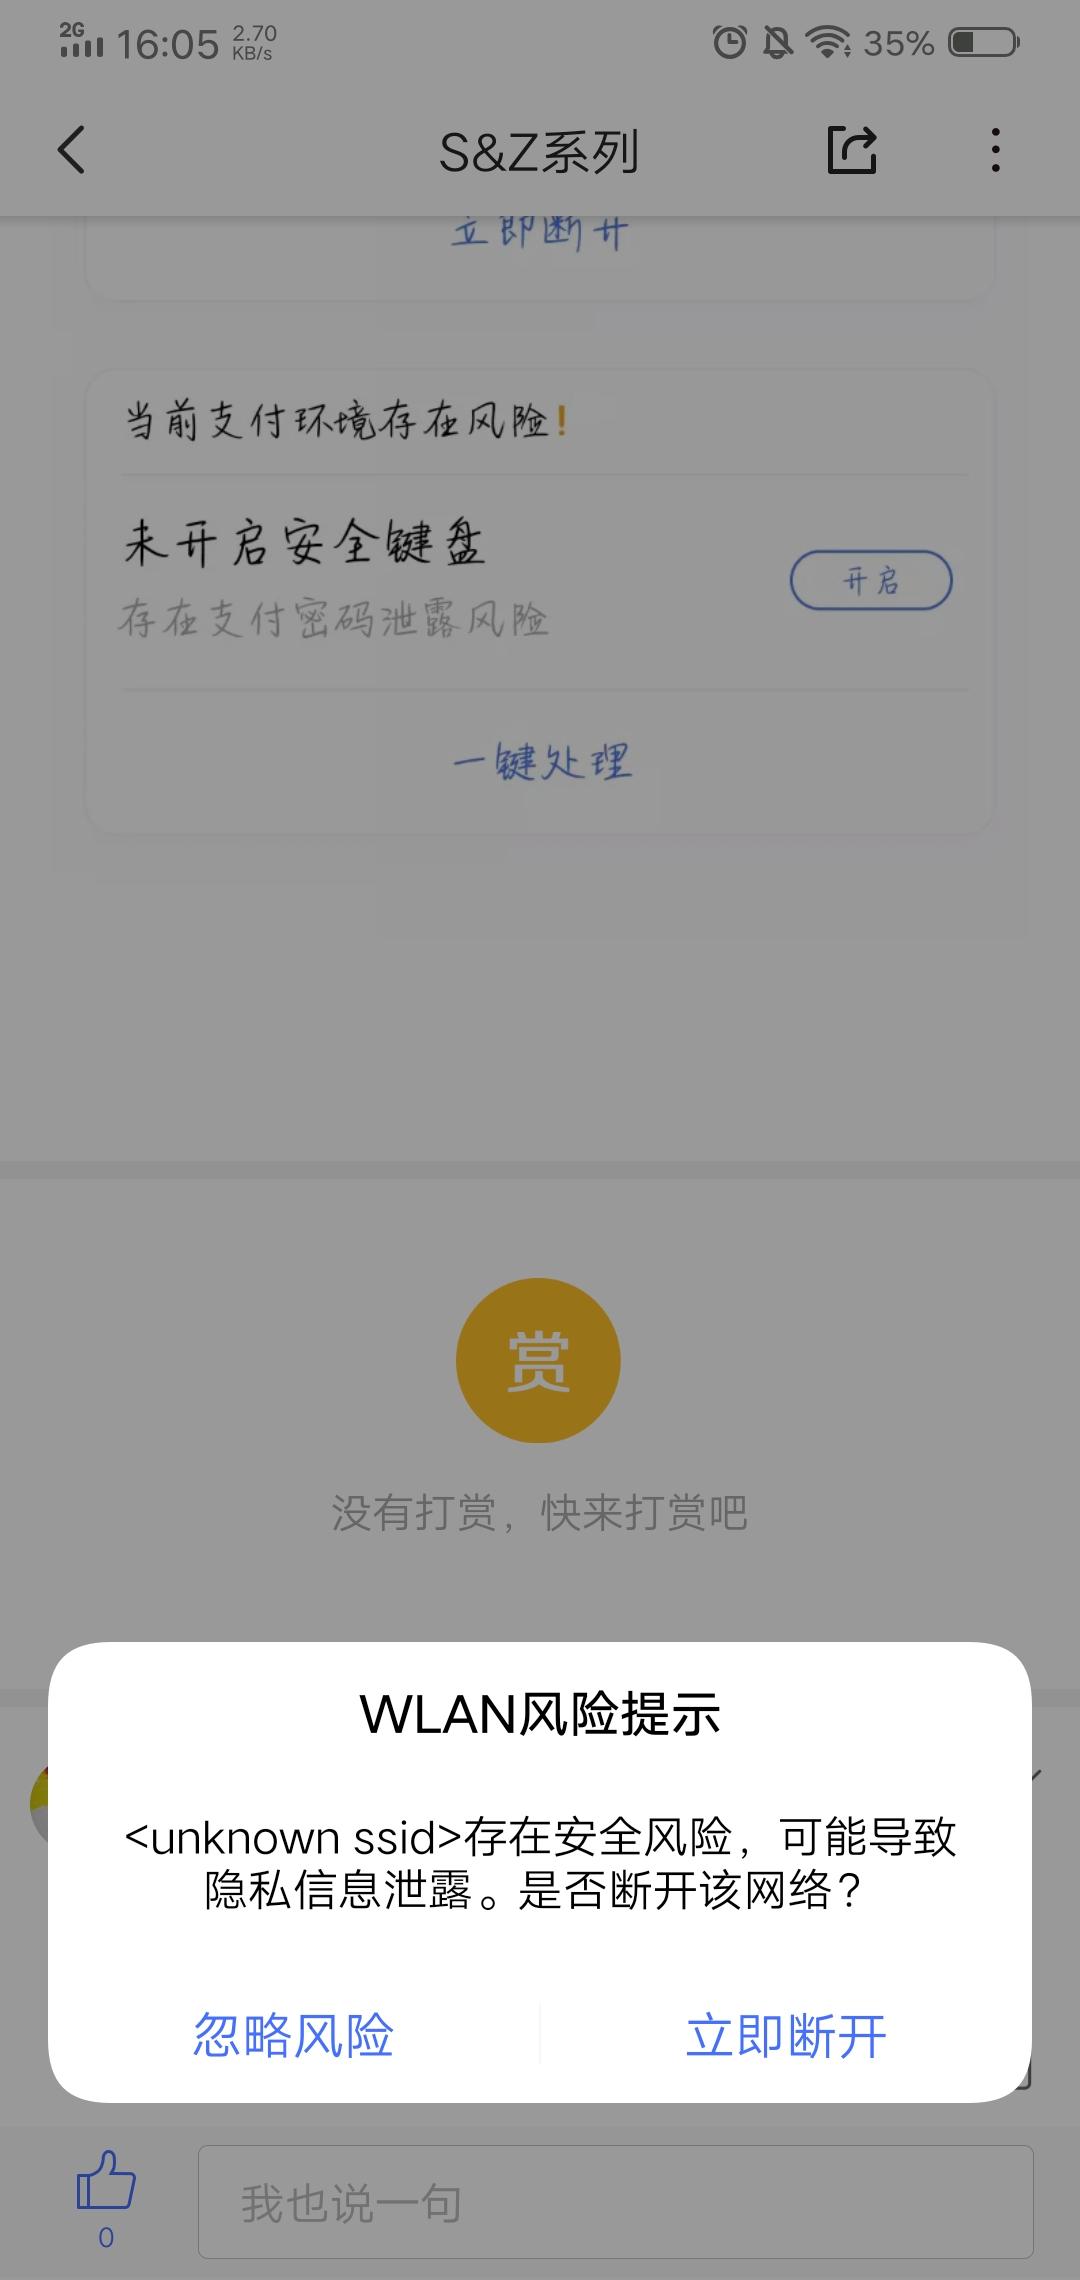 Screenshot_20191018_160558.jpg